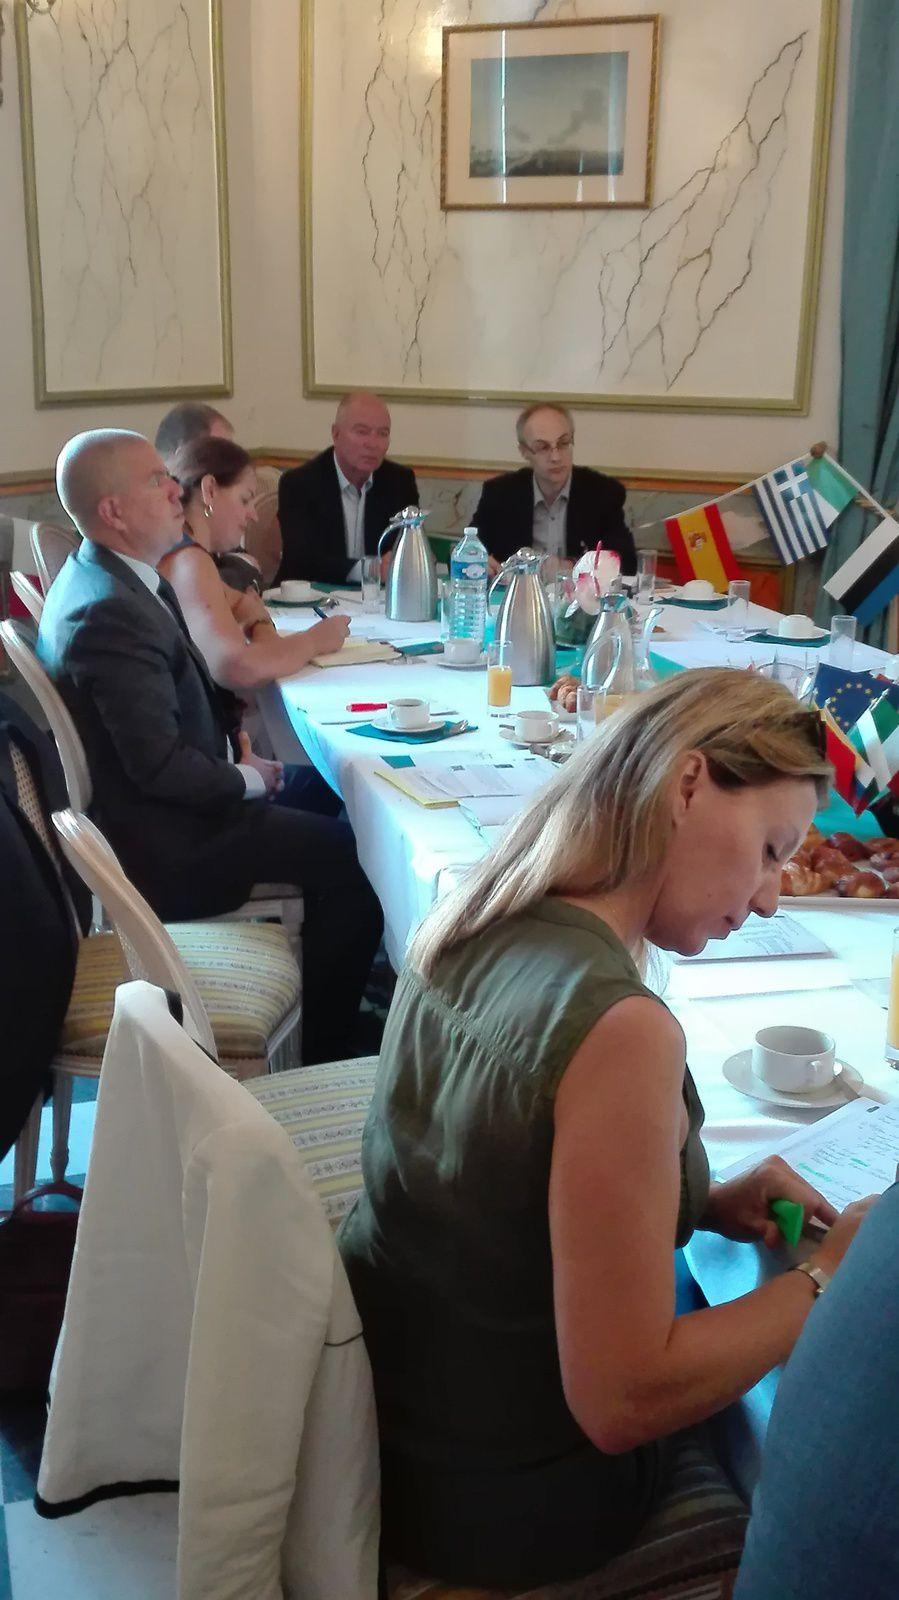 3 Juillet : PDJ  «IA, NBIC: de la convergence à la singularité, opportunités et défis pour la Défense»